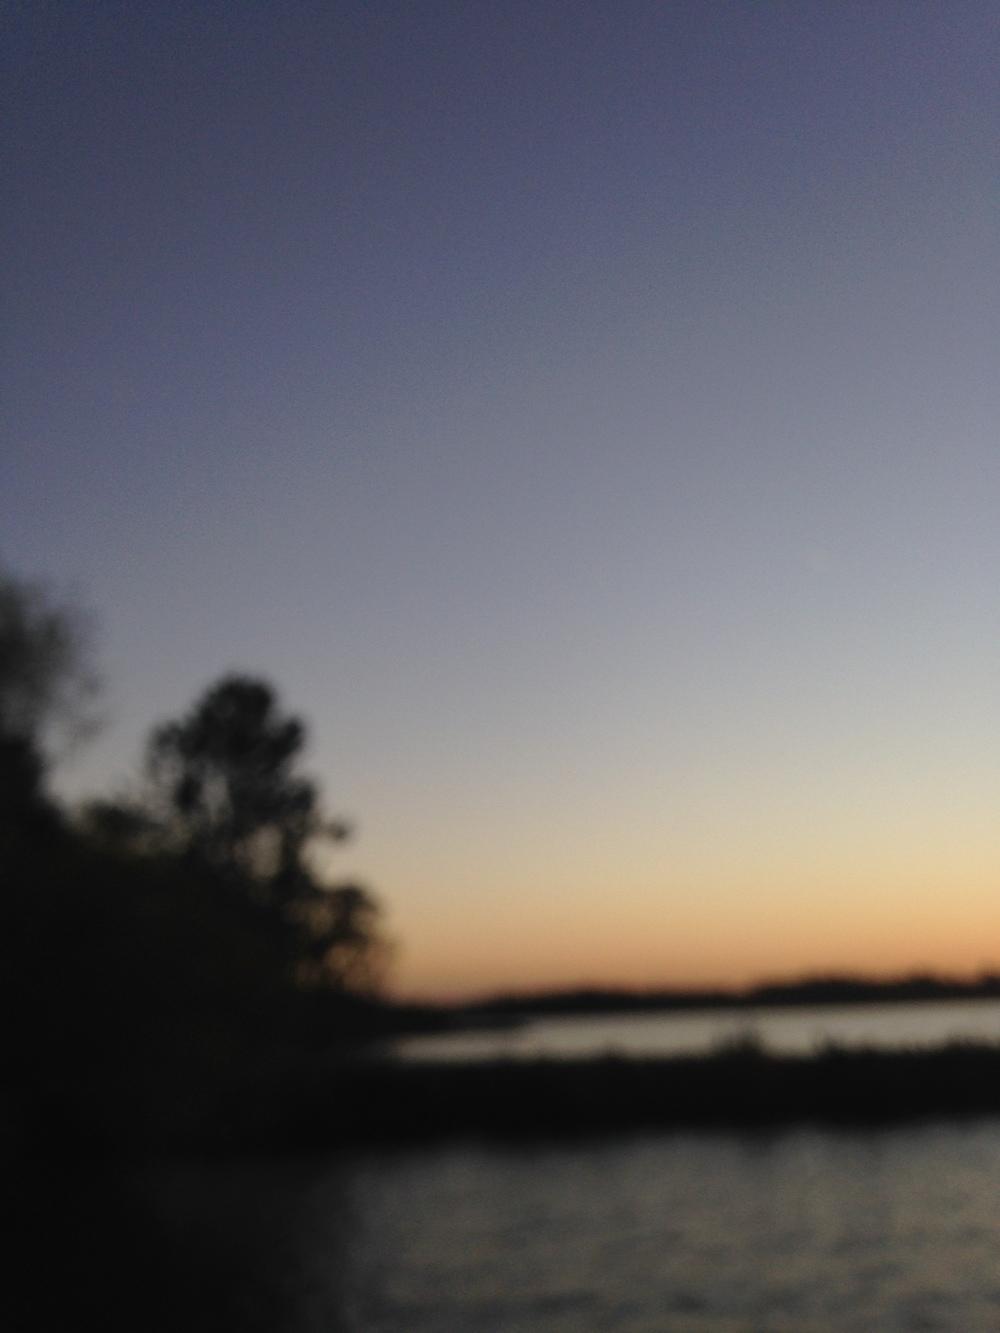 The-Lake-Blurred.jpg